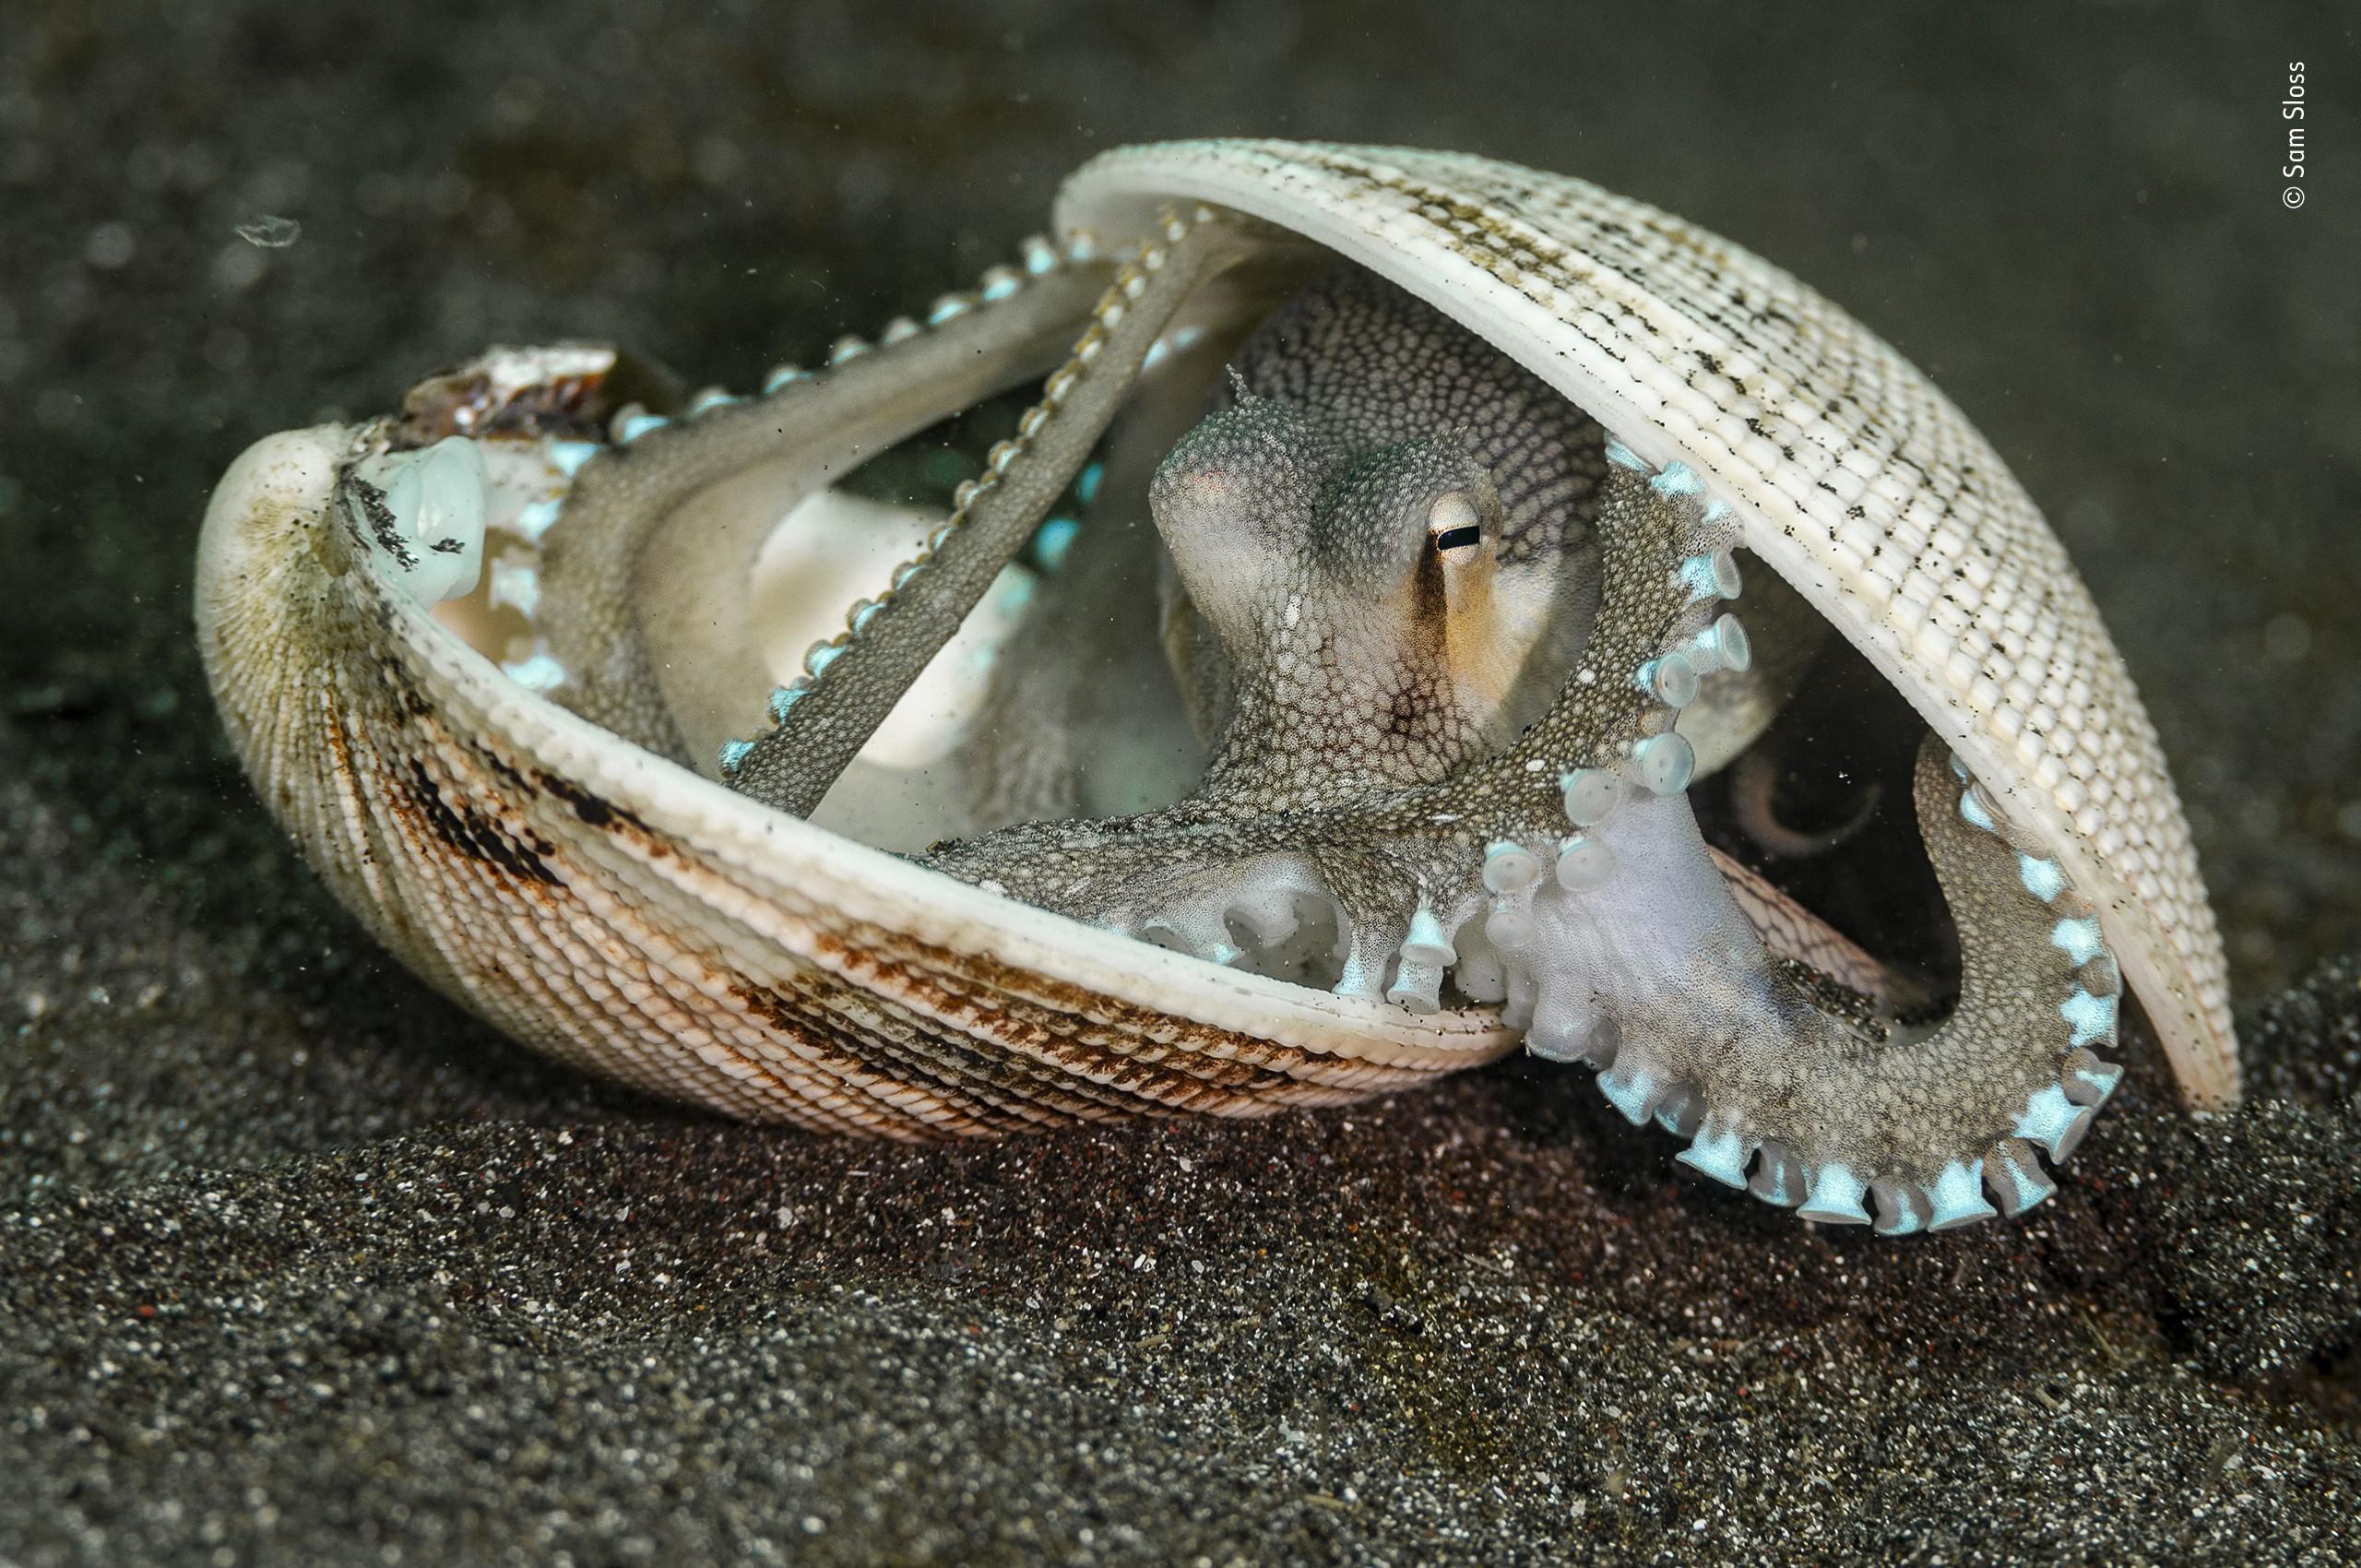 Кокосовый осьминог, несущий свой дом из раковин. Пролив Лембех, Сулавеси. Фотограф Сэм Слосс